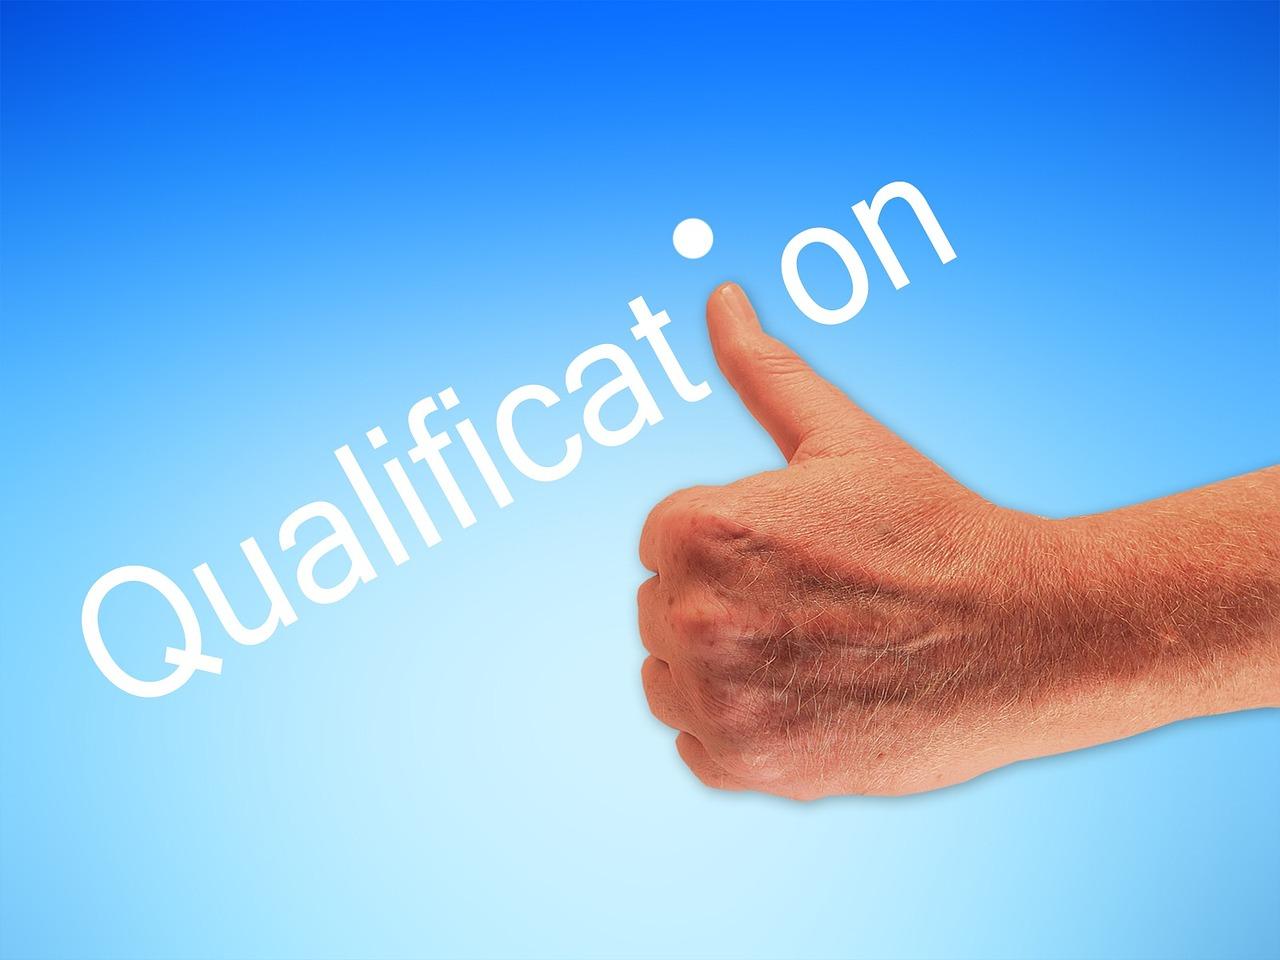 qualification 68841 1280